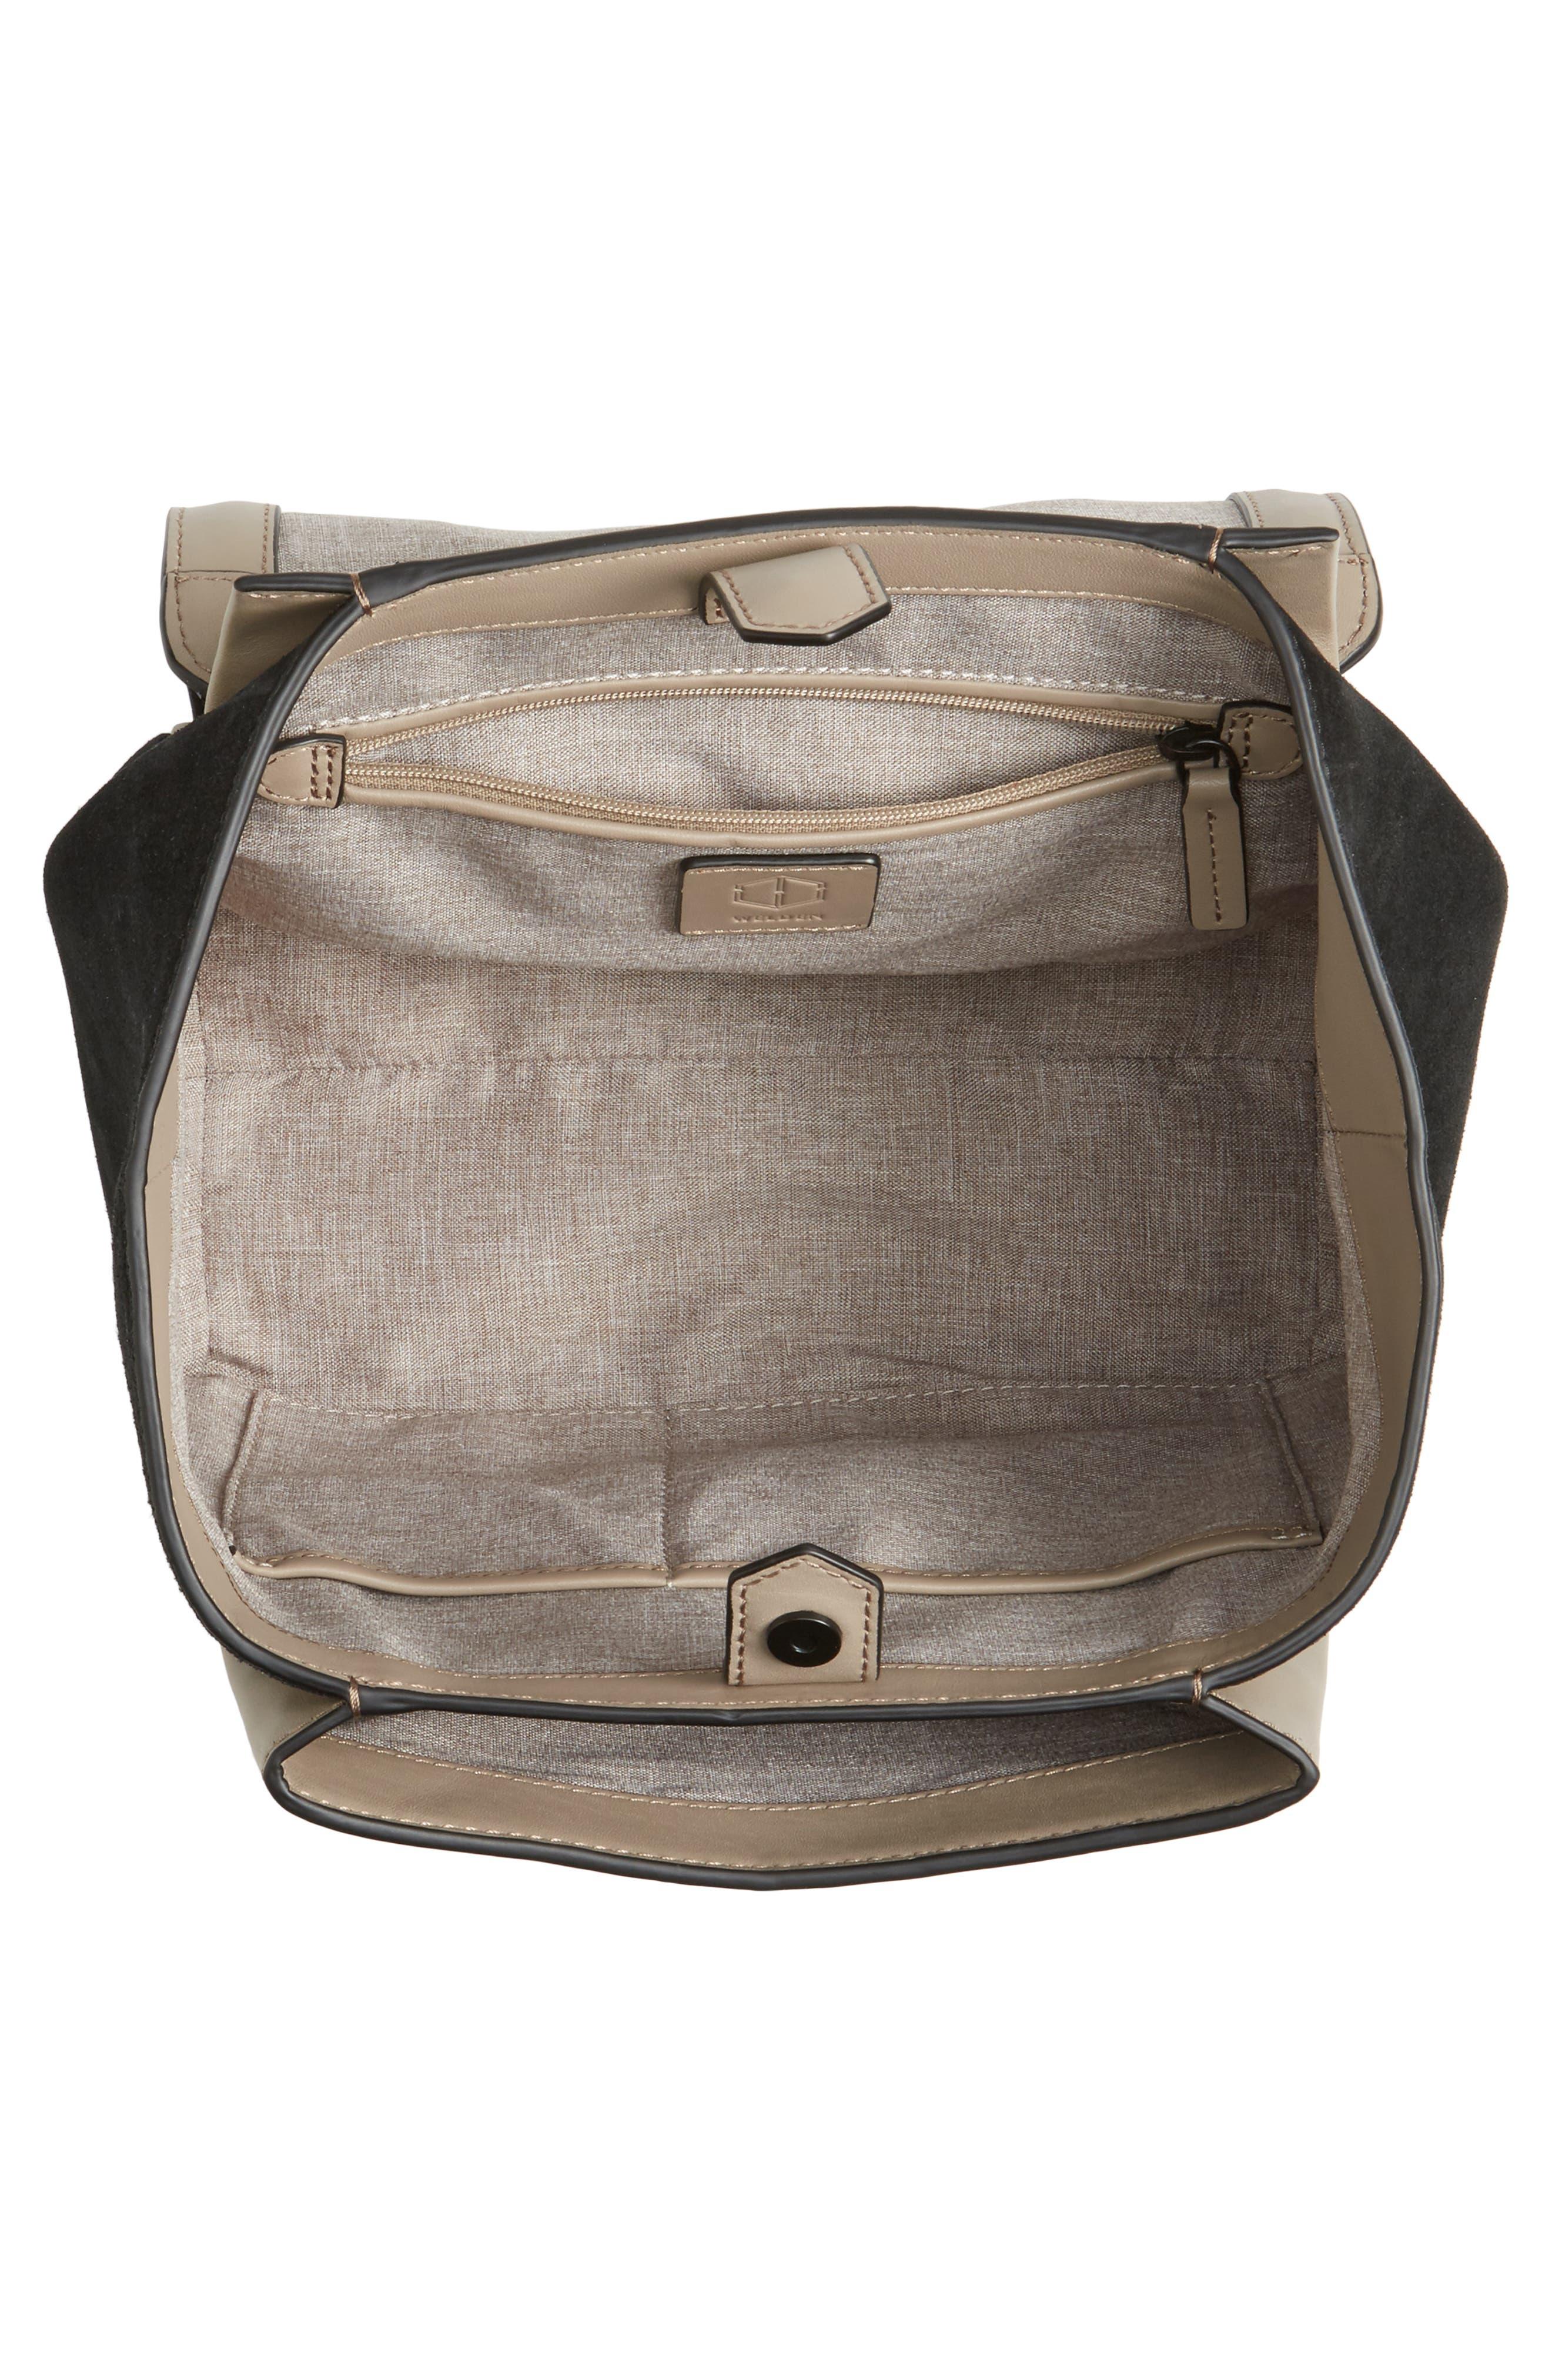 Alternate Image 3  - WELDEN Small Saunter Colorblocked Leather & Suede Top Handle Satchel